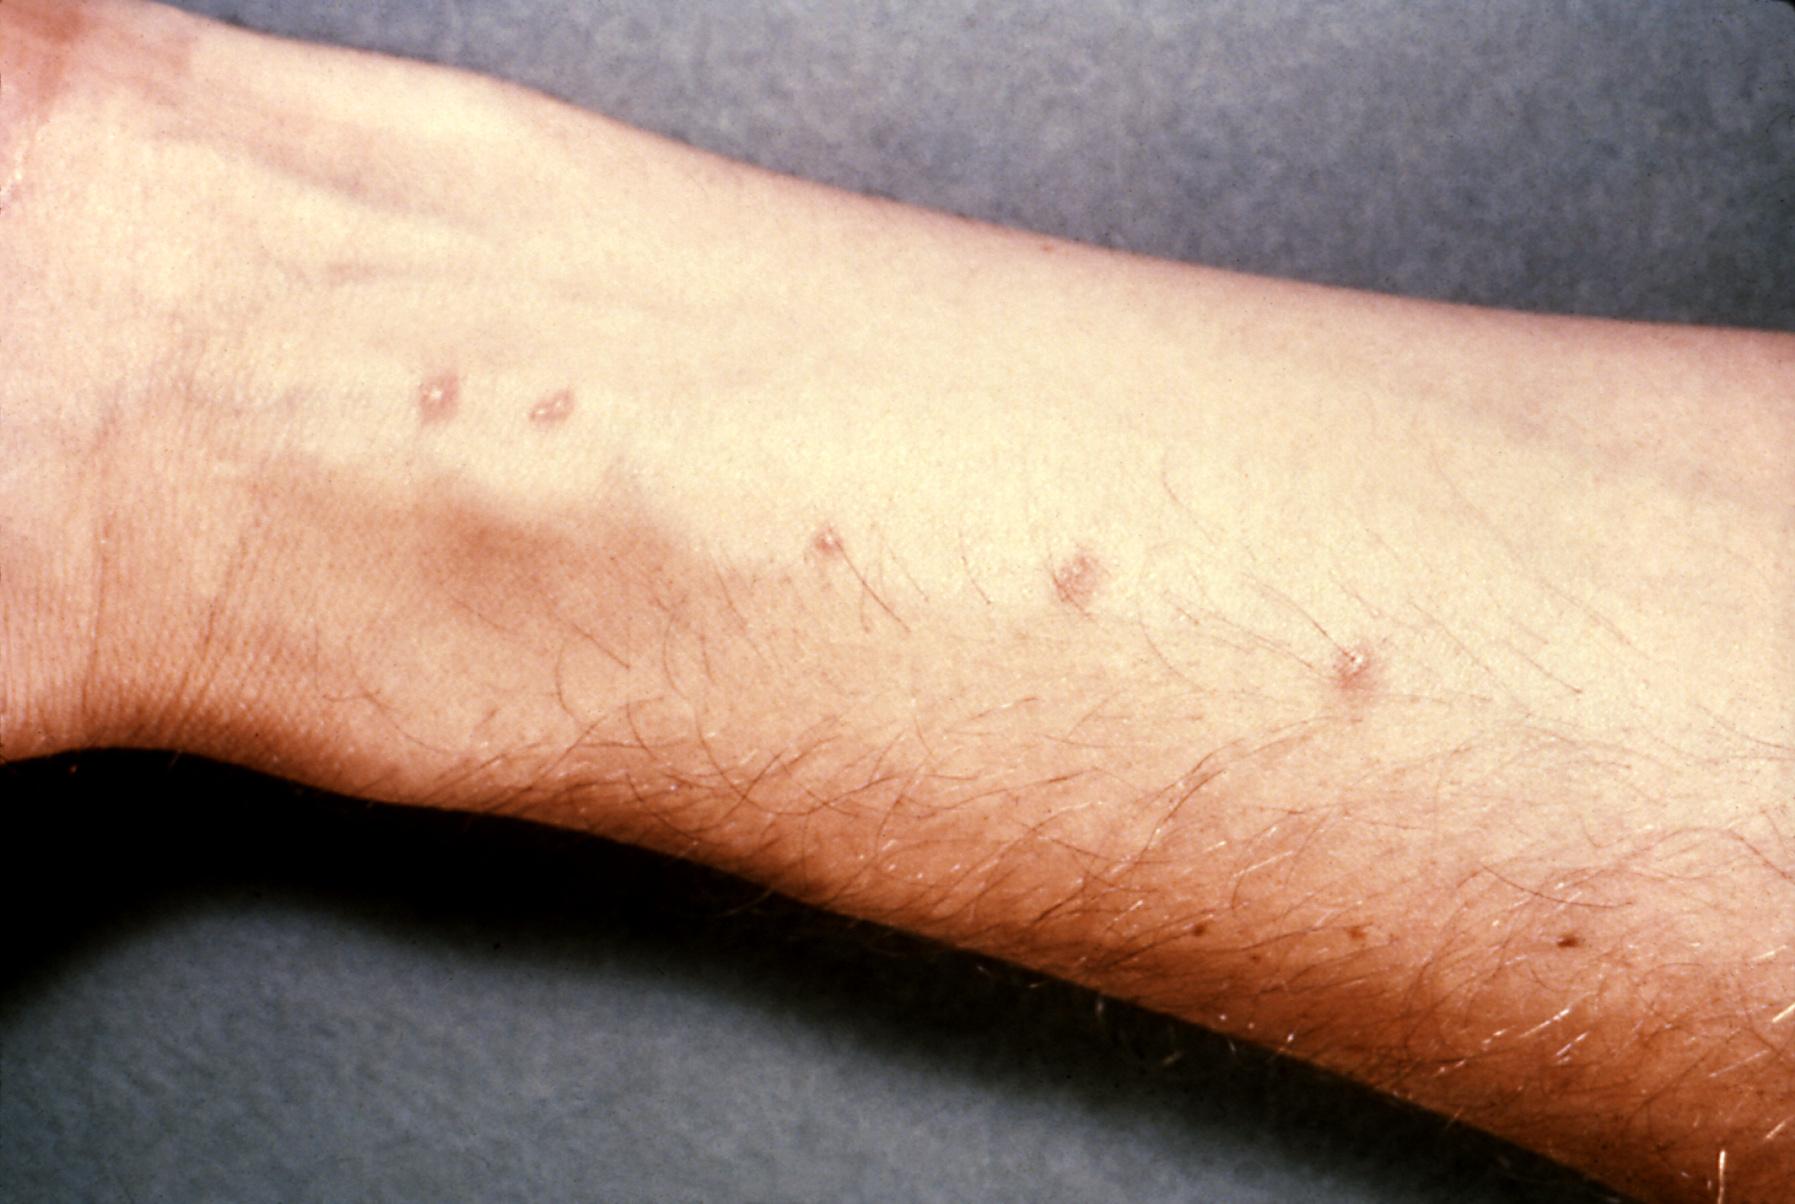 Giardia skin infection. Giardia on skin. Keresés a következőre